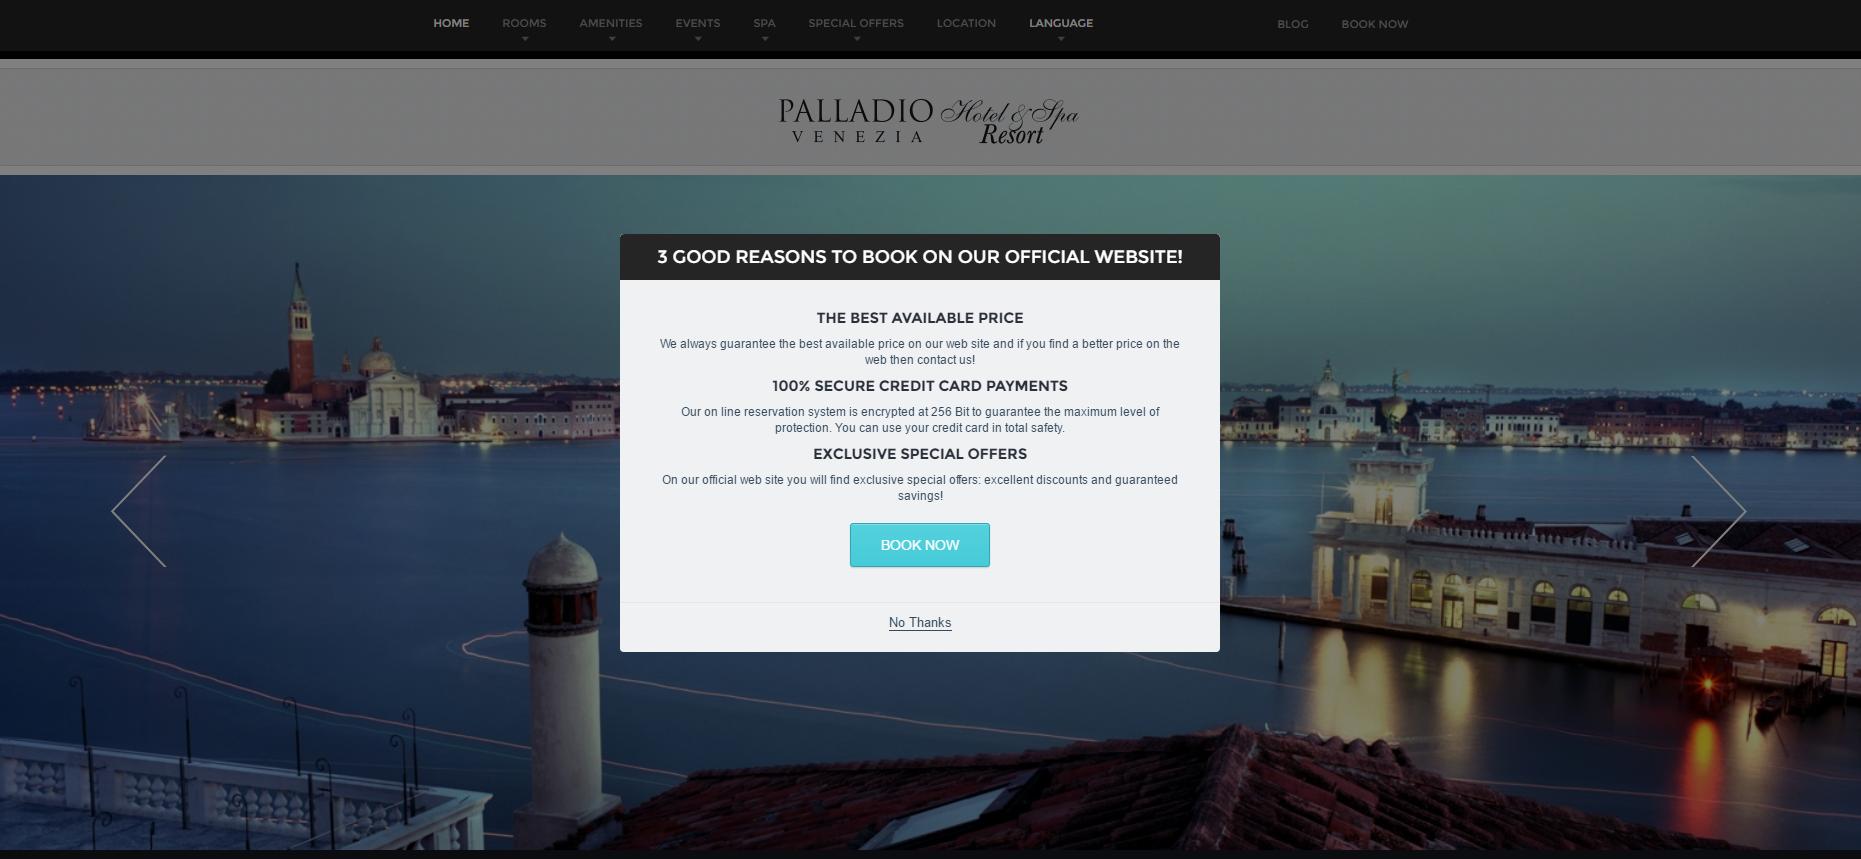 Página inicial do website do hotel Palladio